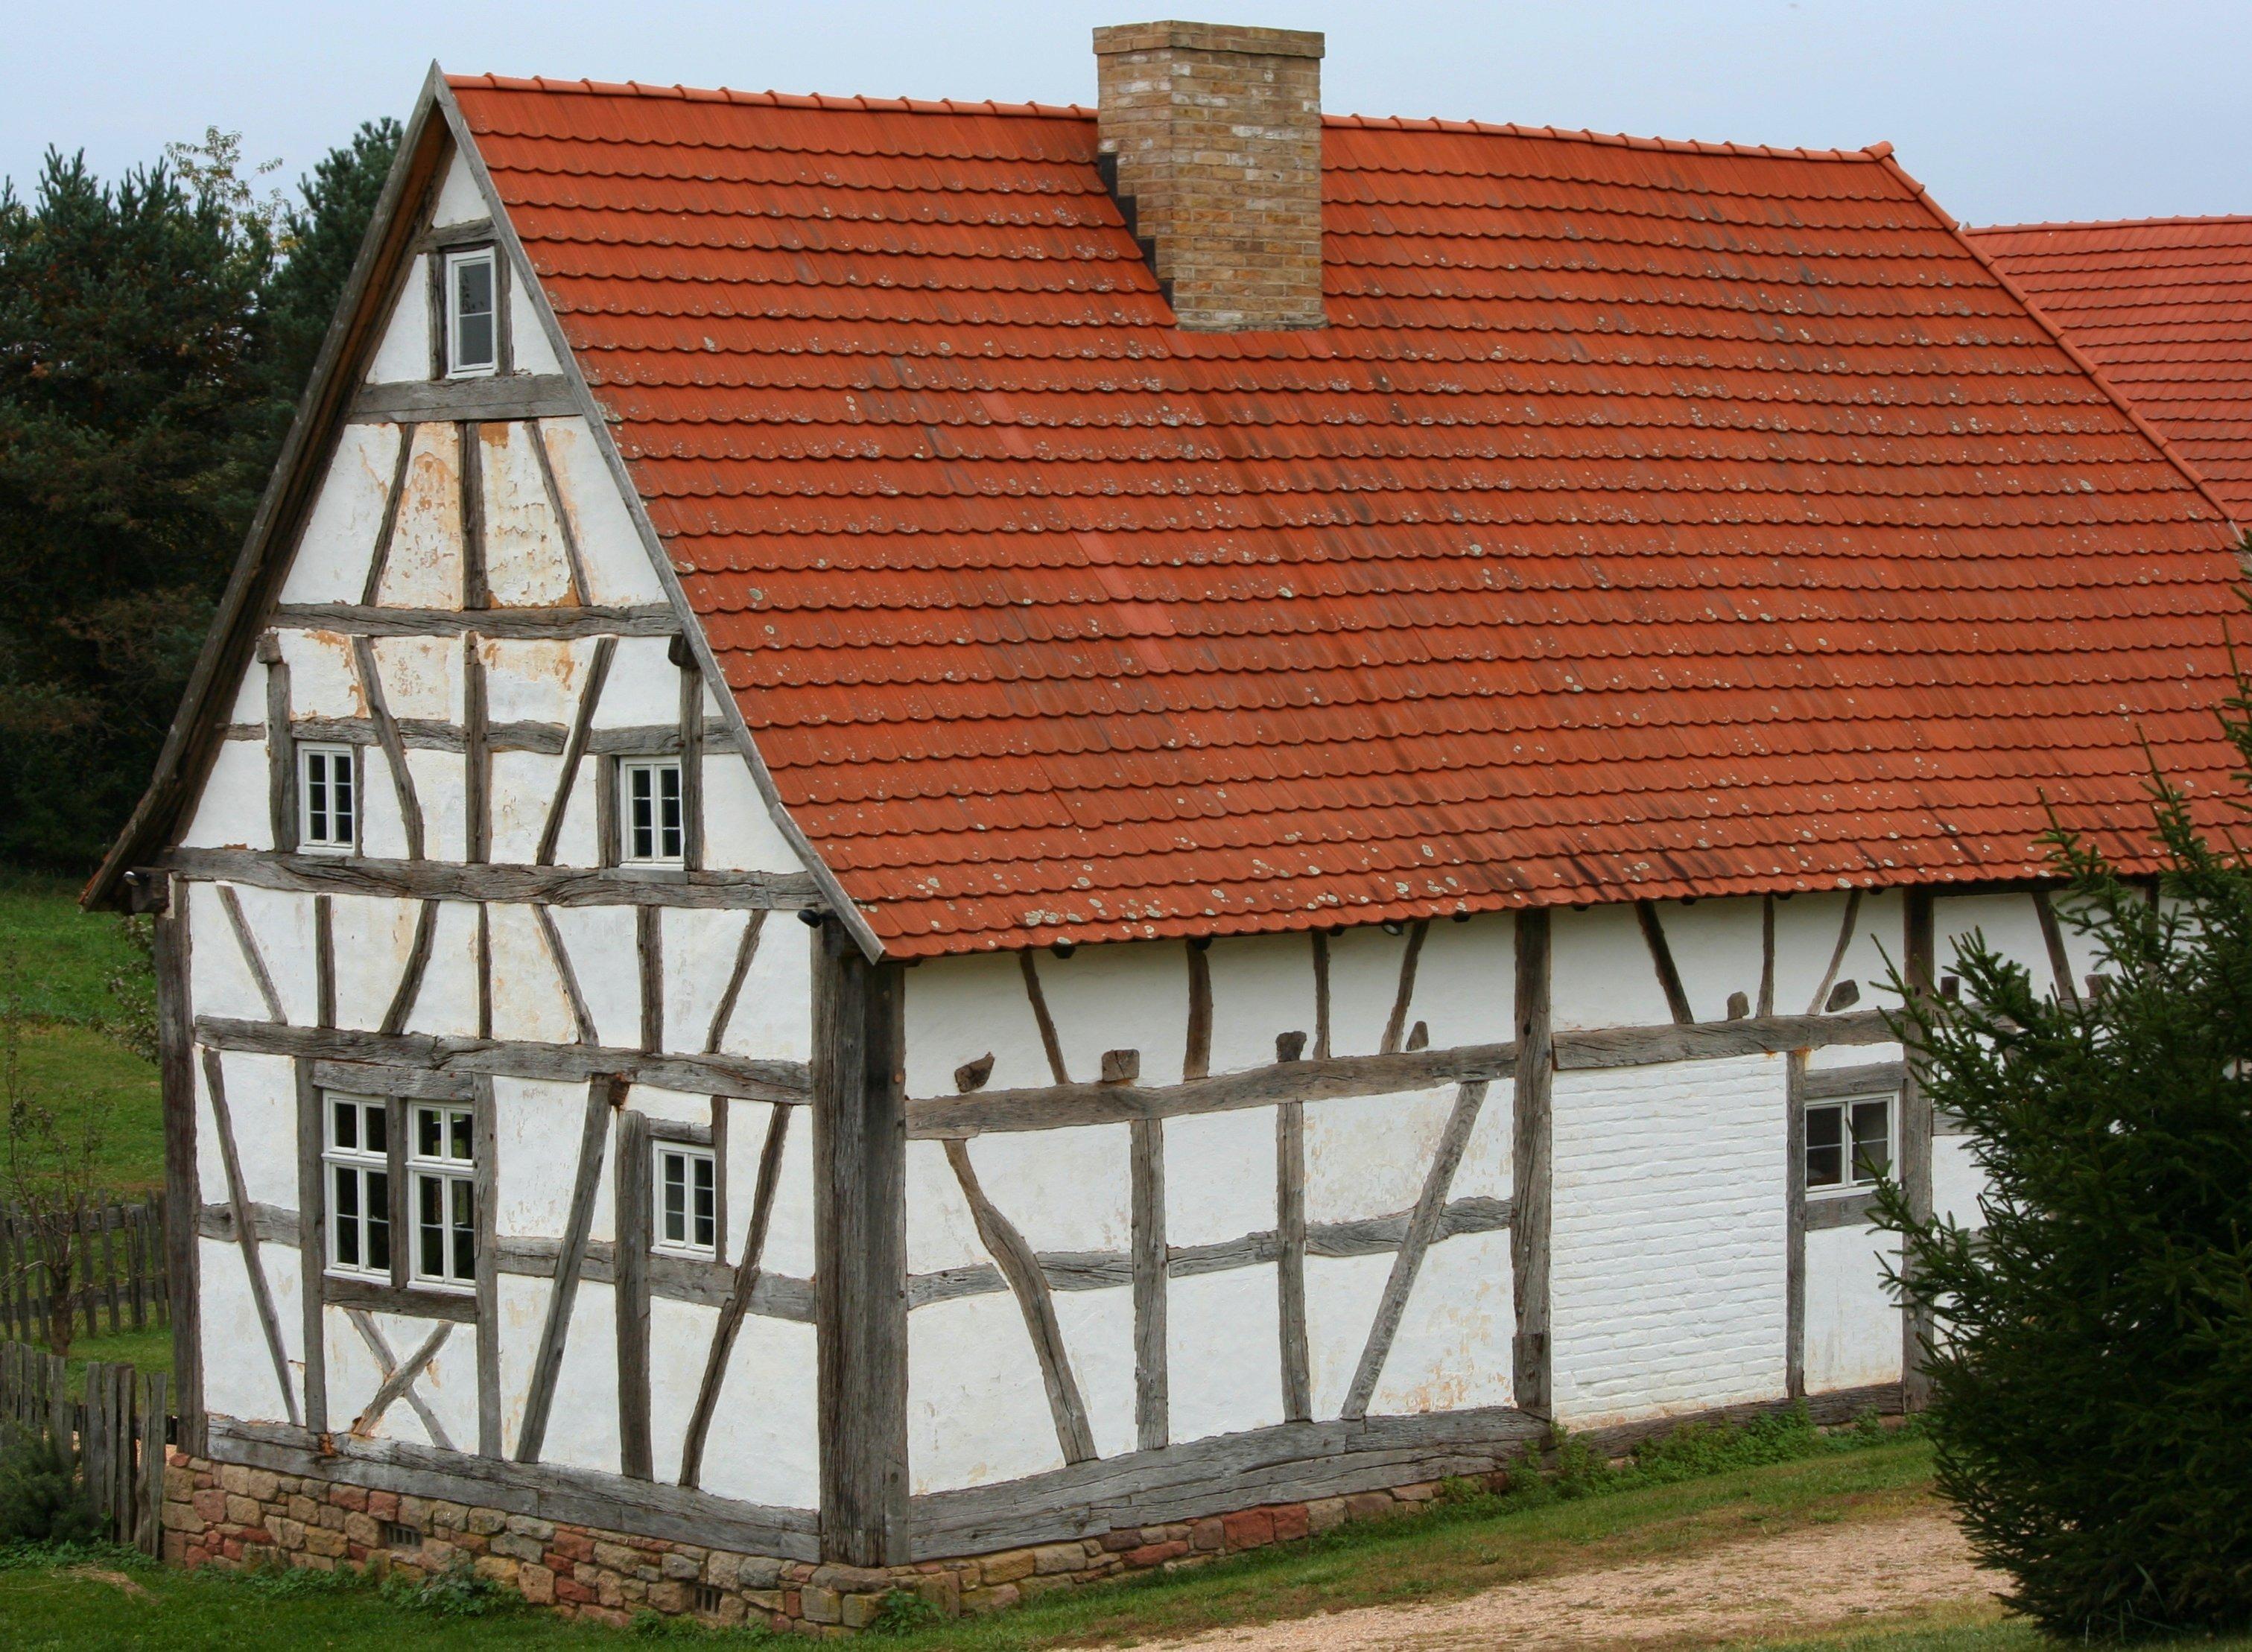 традиционные немецкие дома фото видом экономической деятельности